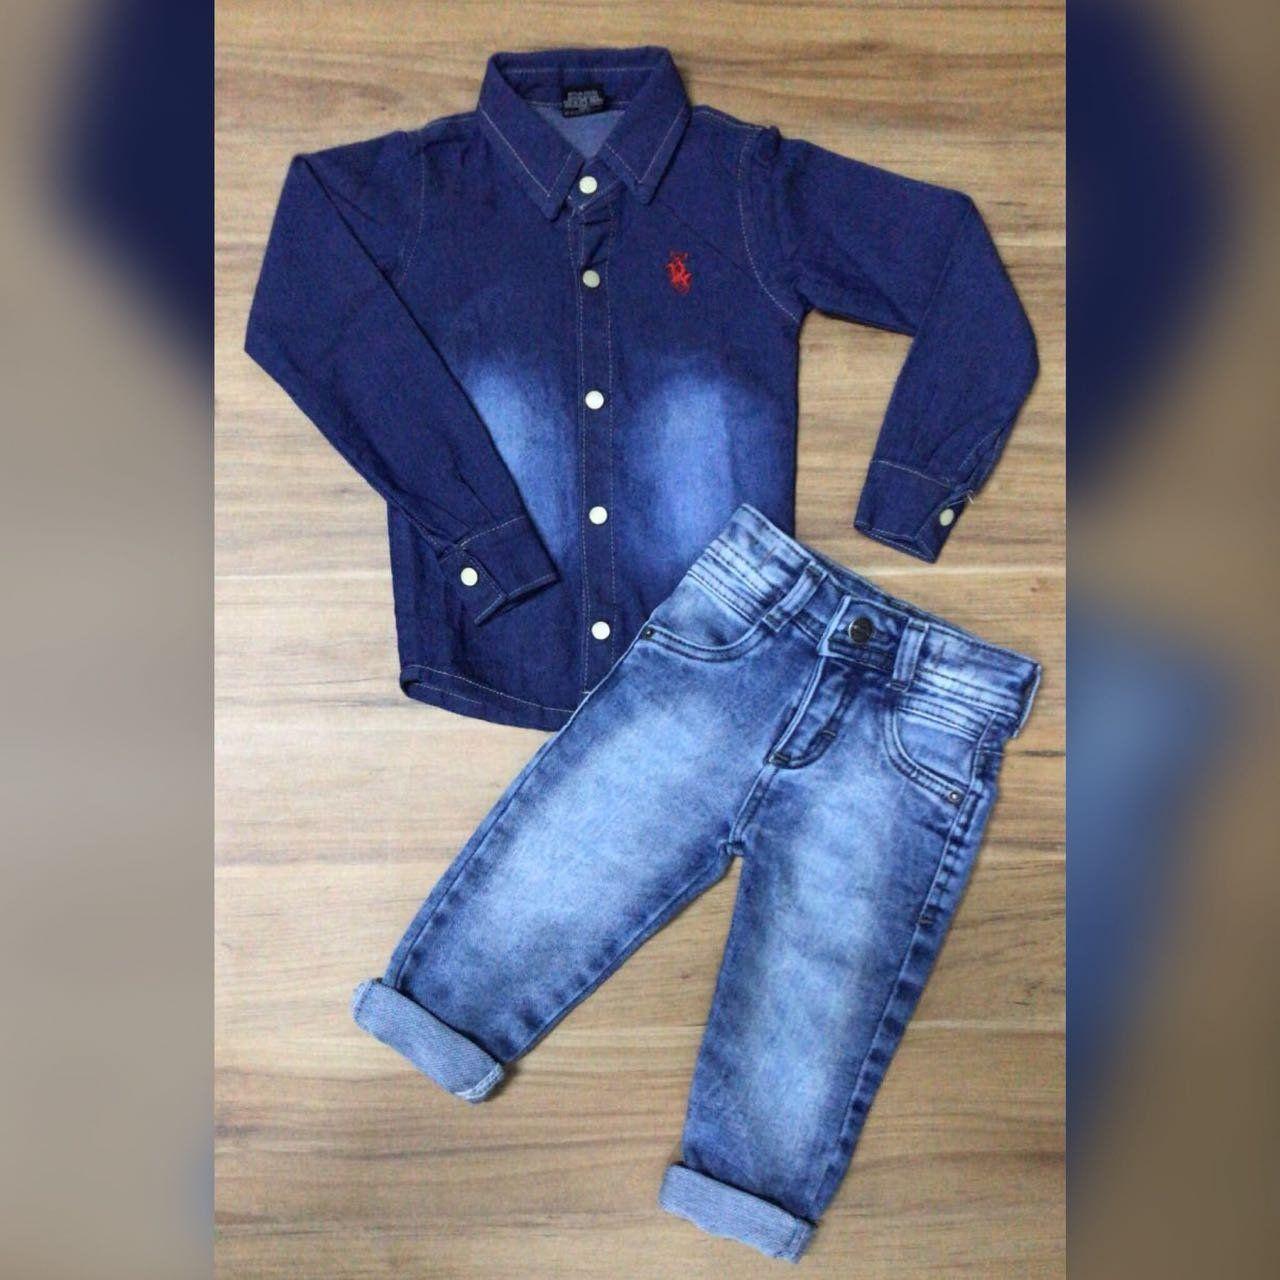 Calça Jeans Clara com Camisa Jeans Escura